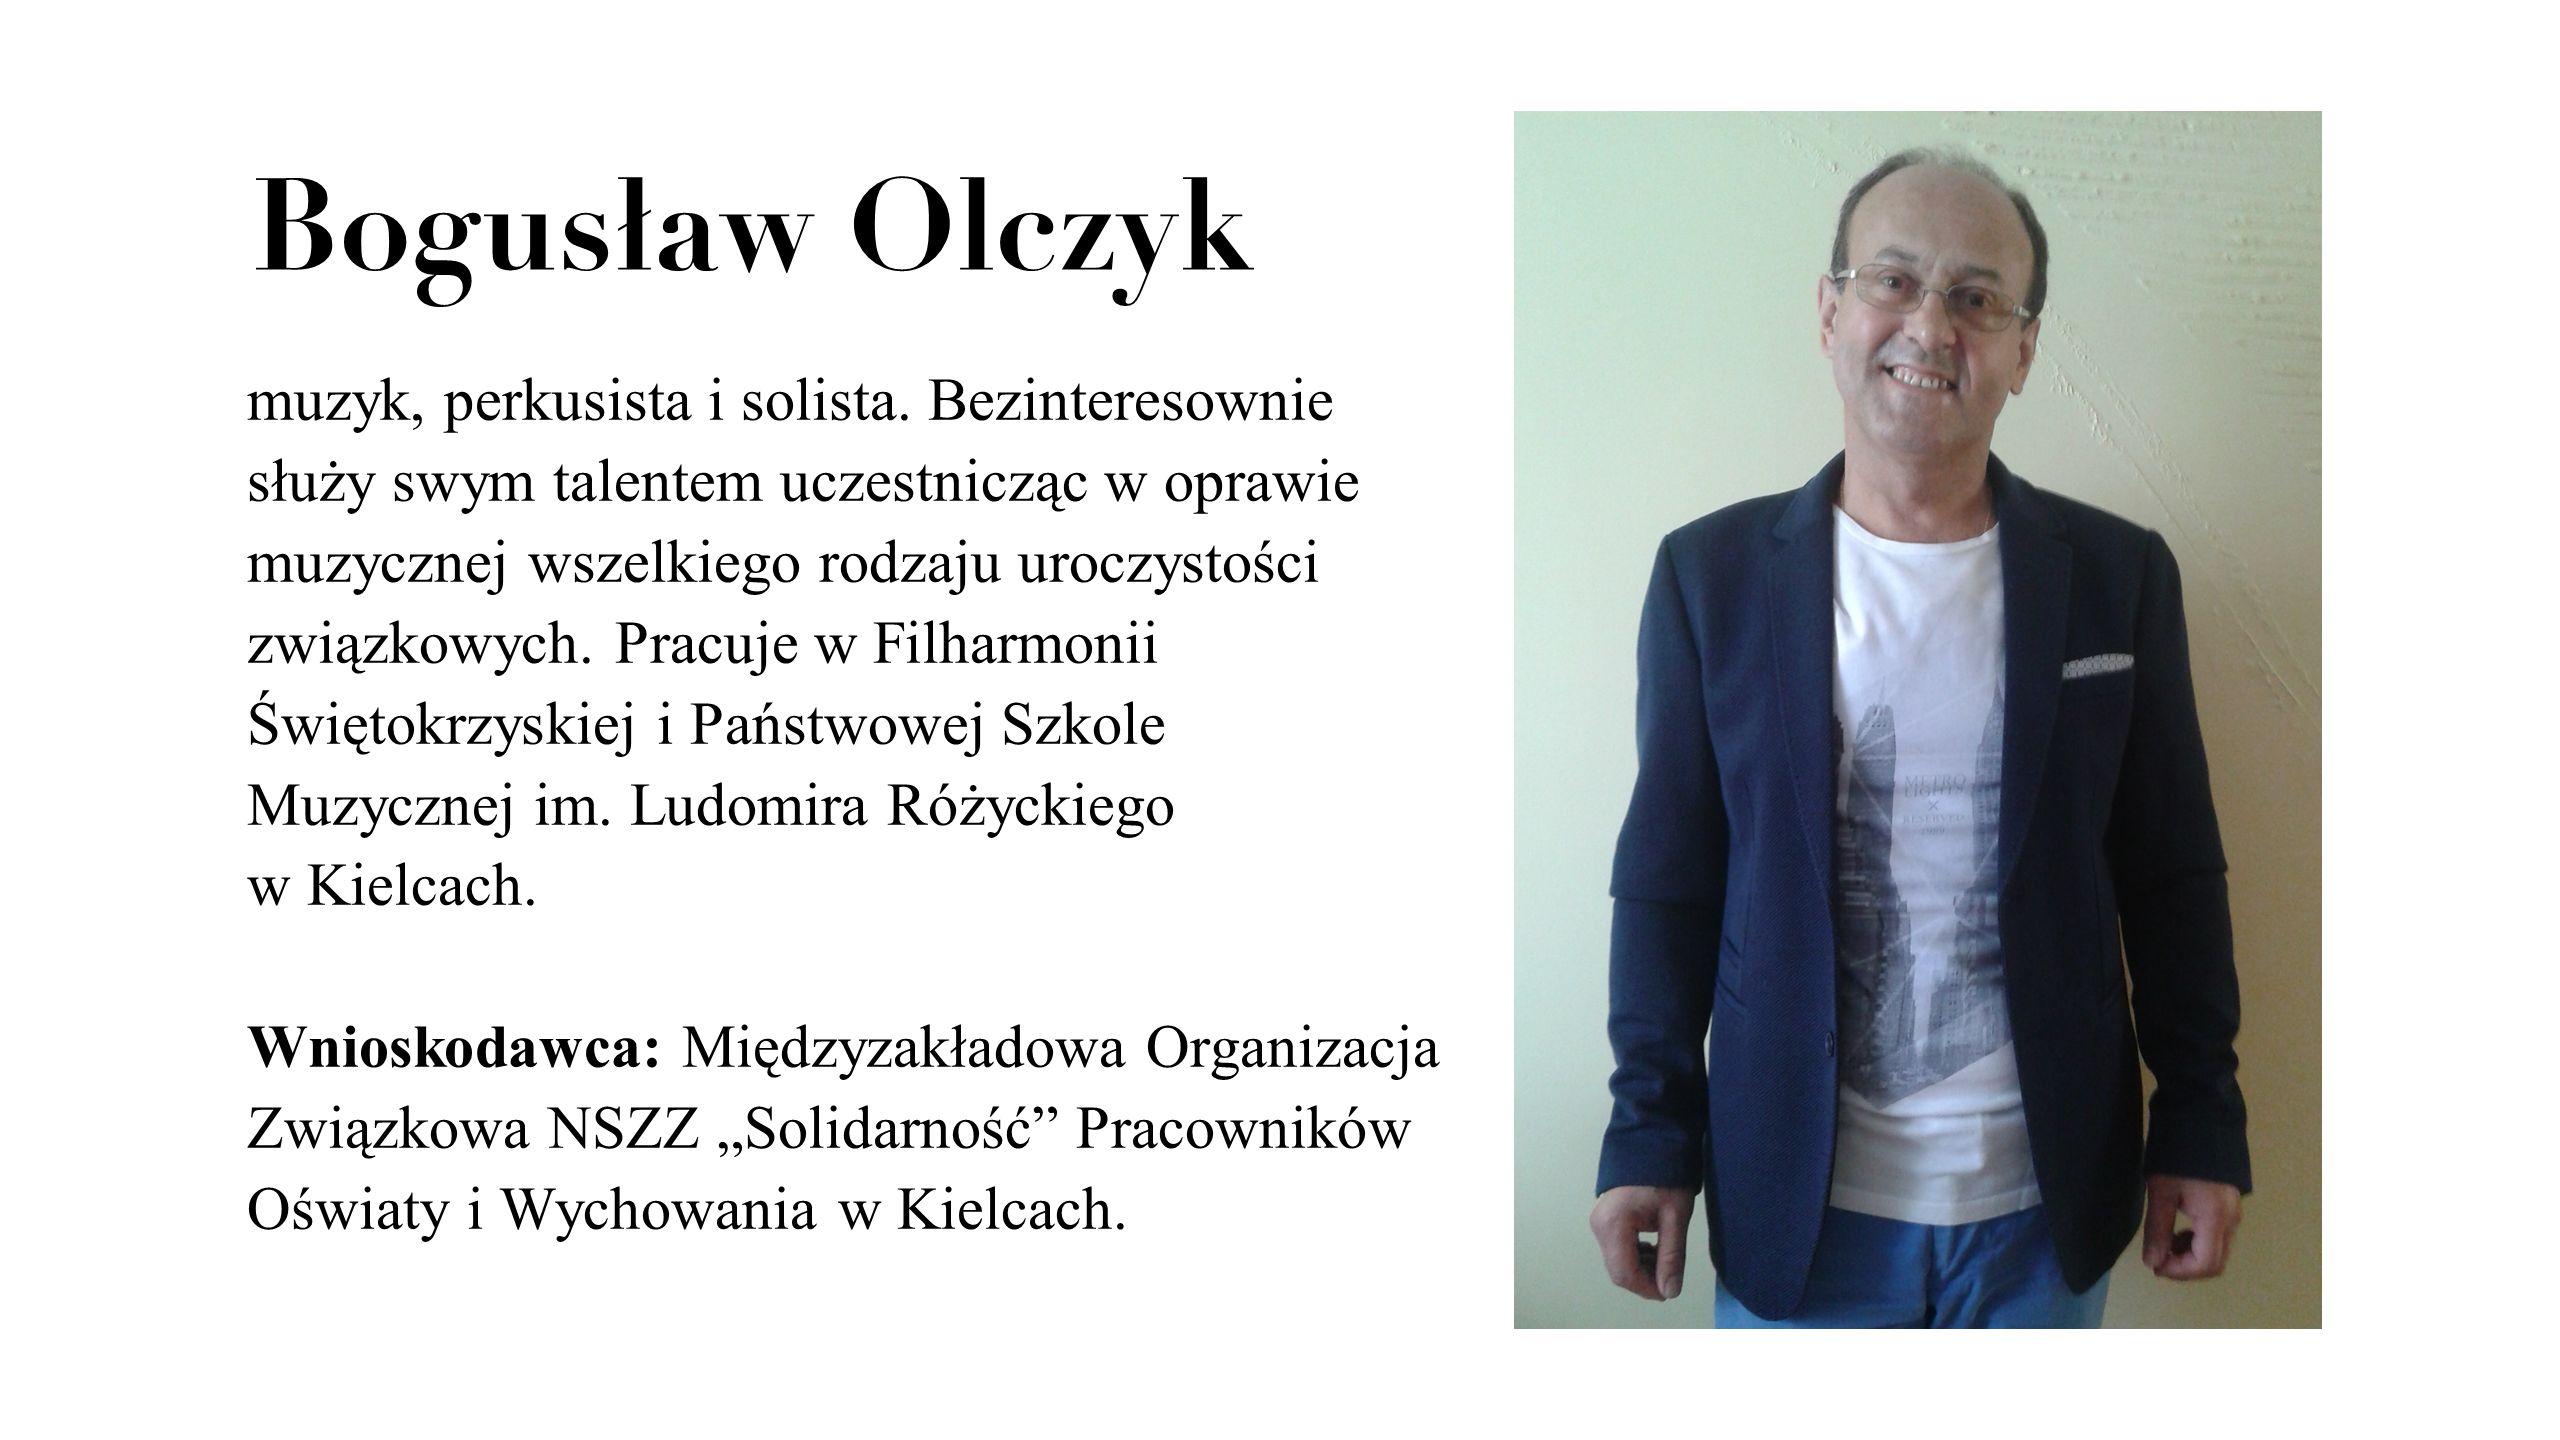 Bogusław Olczyk